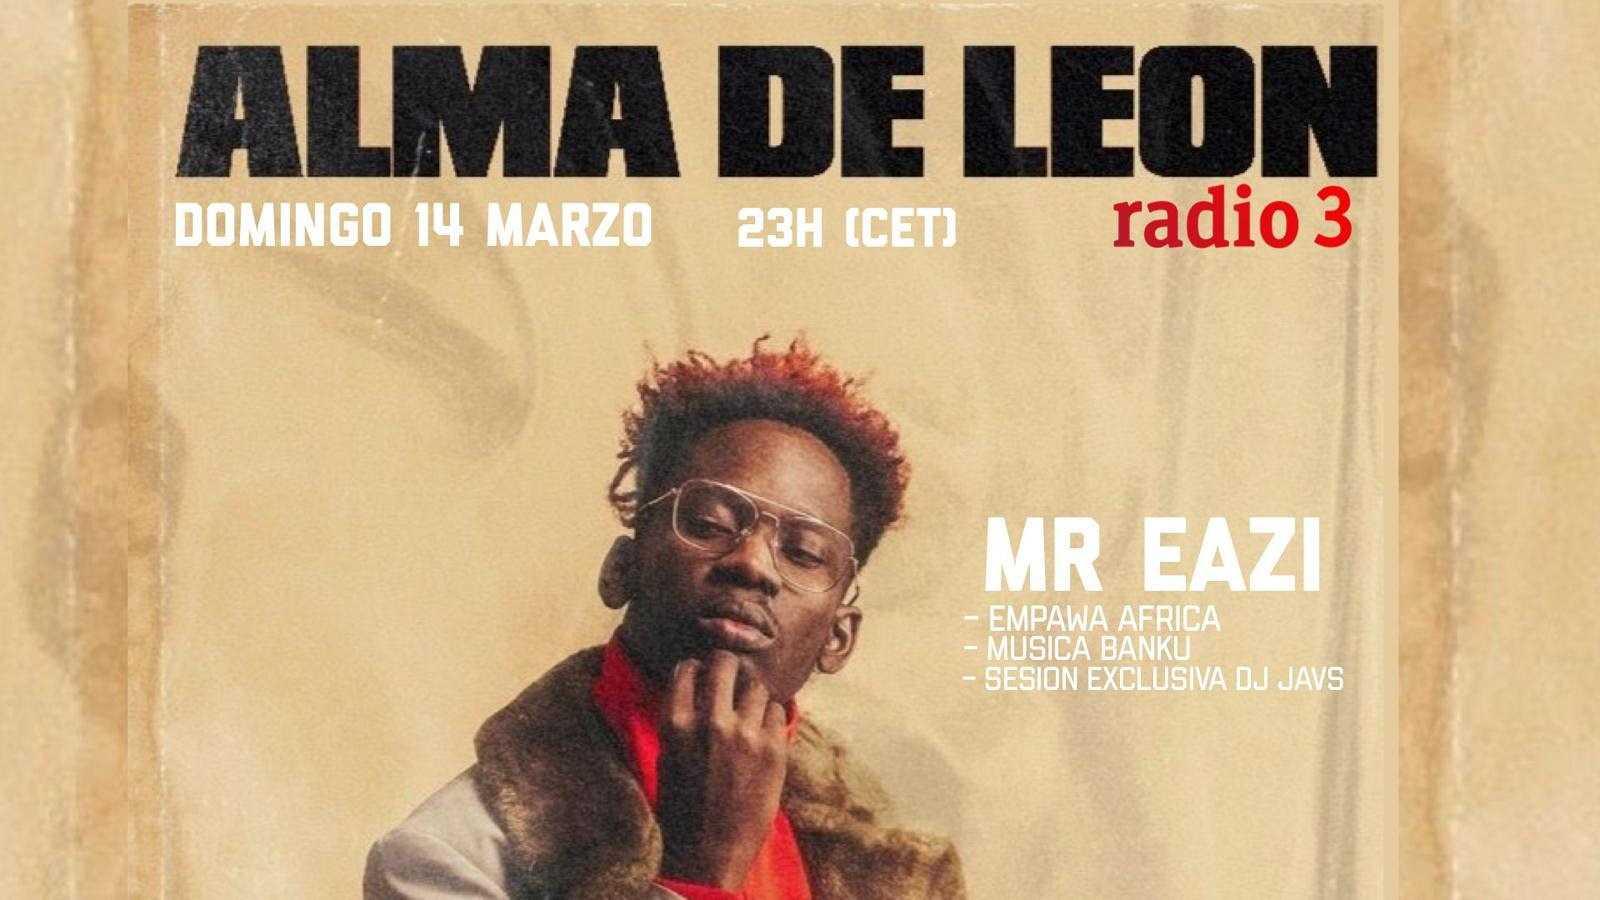 Alma de león - Mr. Eazi: #BankuMusic + #EmpawaAfrica - 14/03/21 - escuchar ahora